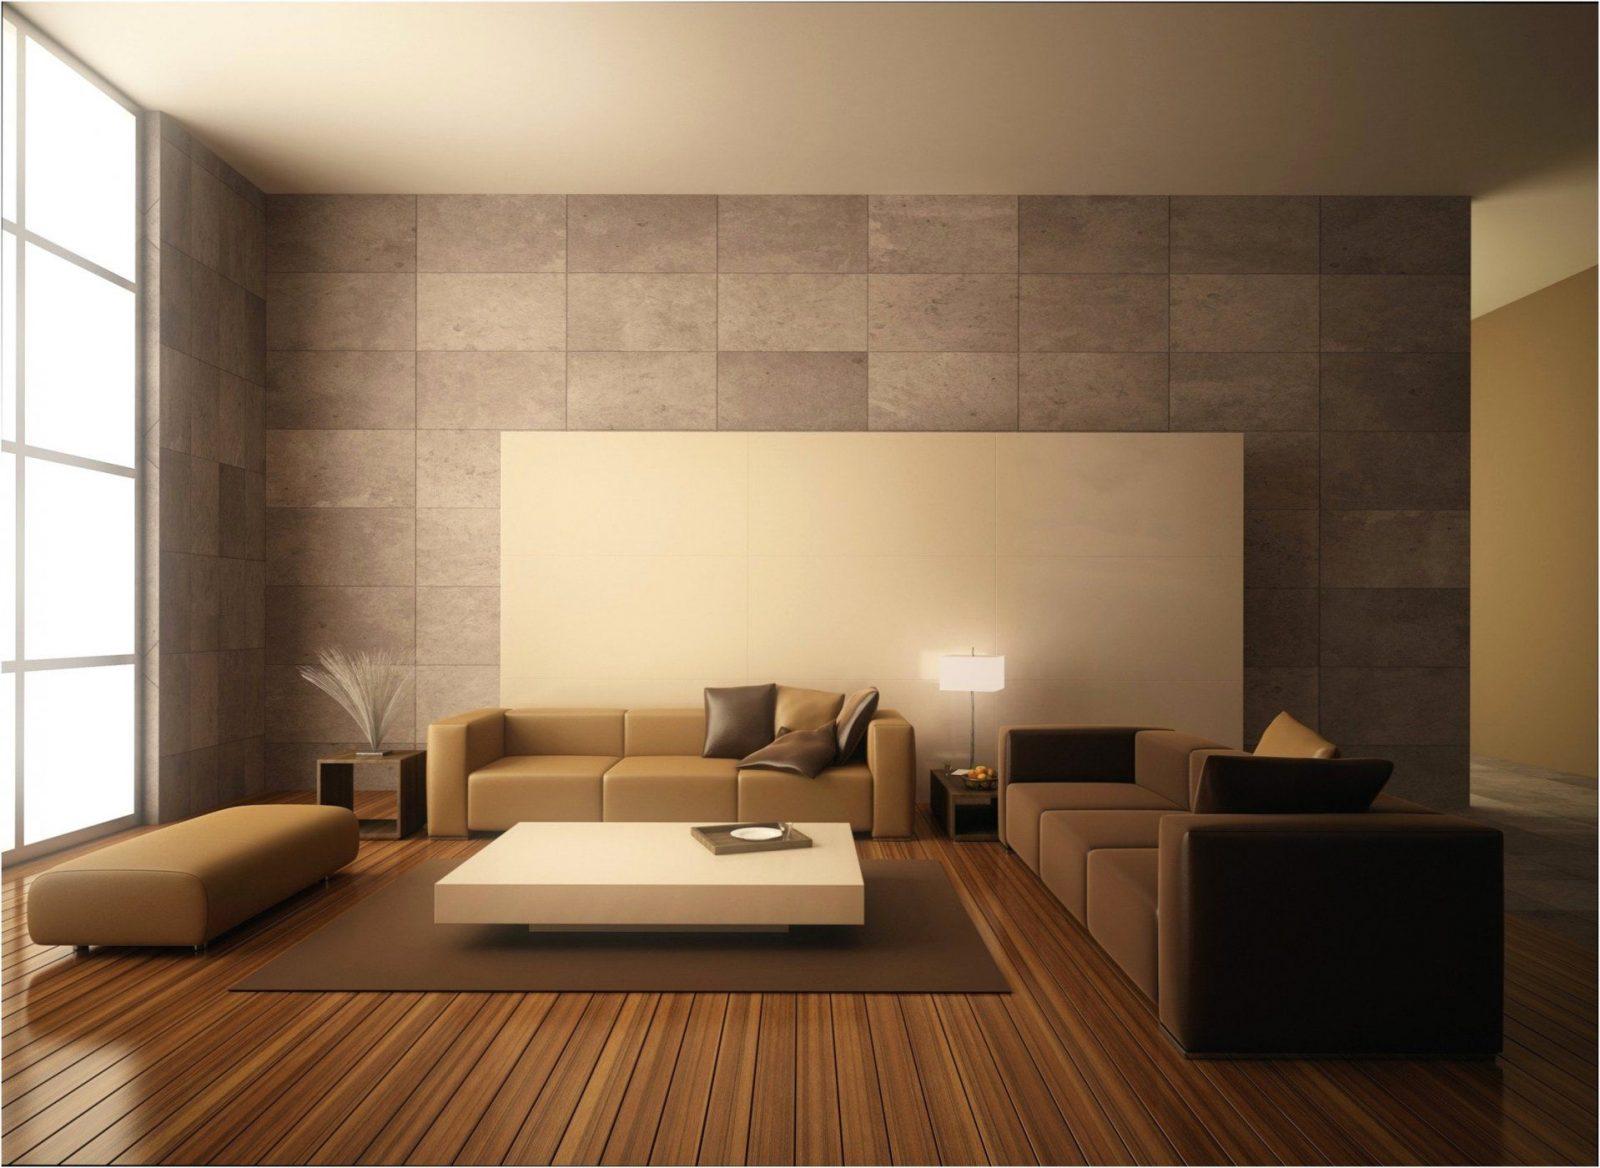 Welche Wandfarbe Passt Zu Dunklen Möbeln Mit Mbeln Best Stunning von Welche Wandfarbe Passt Zu Dunkelbraunen Möbeln Photo